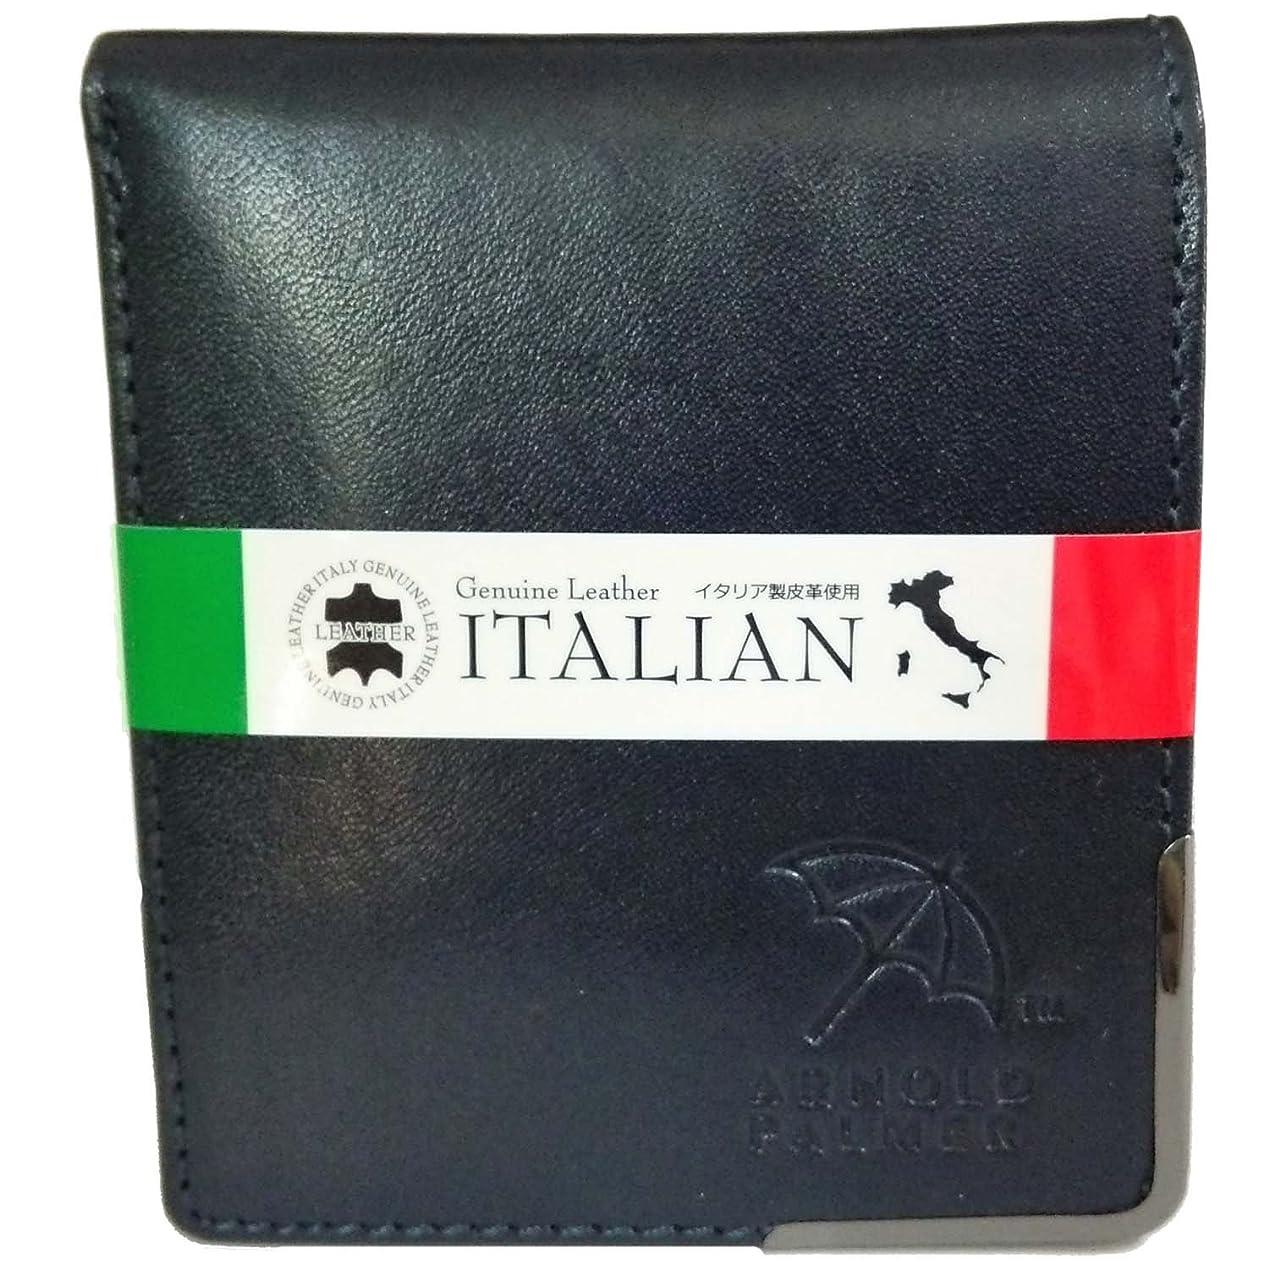 添付人形つまずく[アーノルドパーマー] イタリアンレザー 使用の メンズ レディース 兼用 二つ折り財布 小銭入れあり